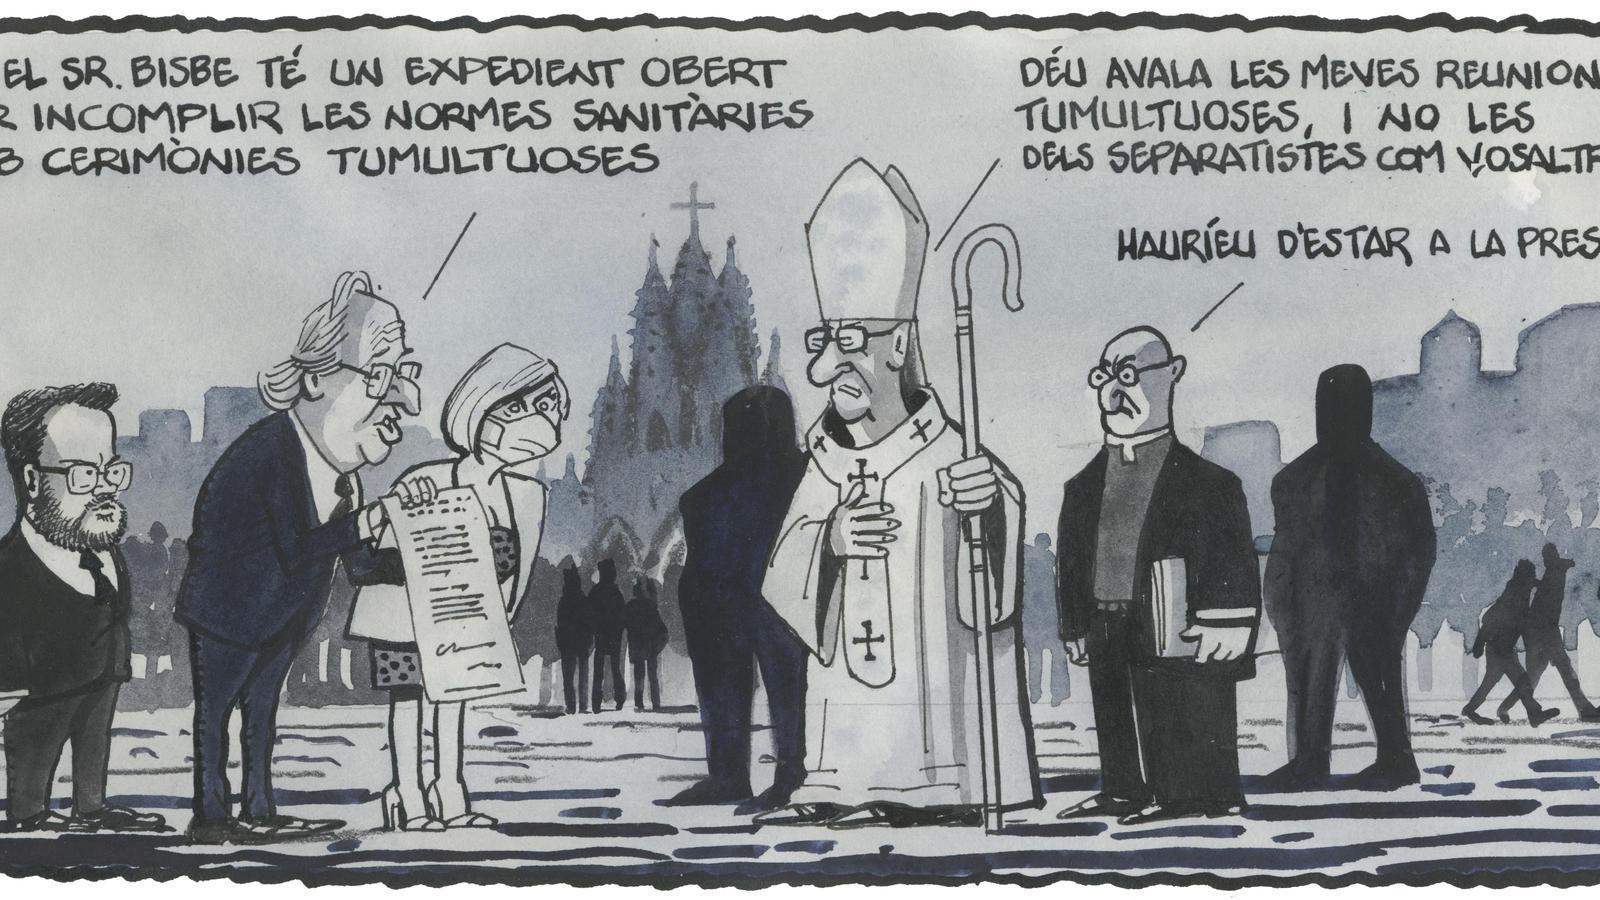 'A la contra', per Ferreres 30/07/2020